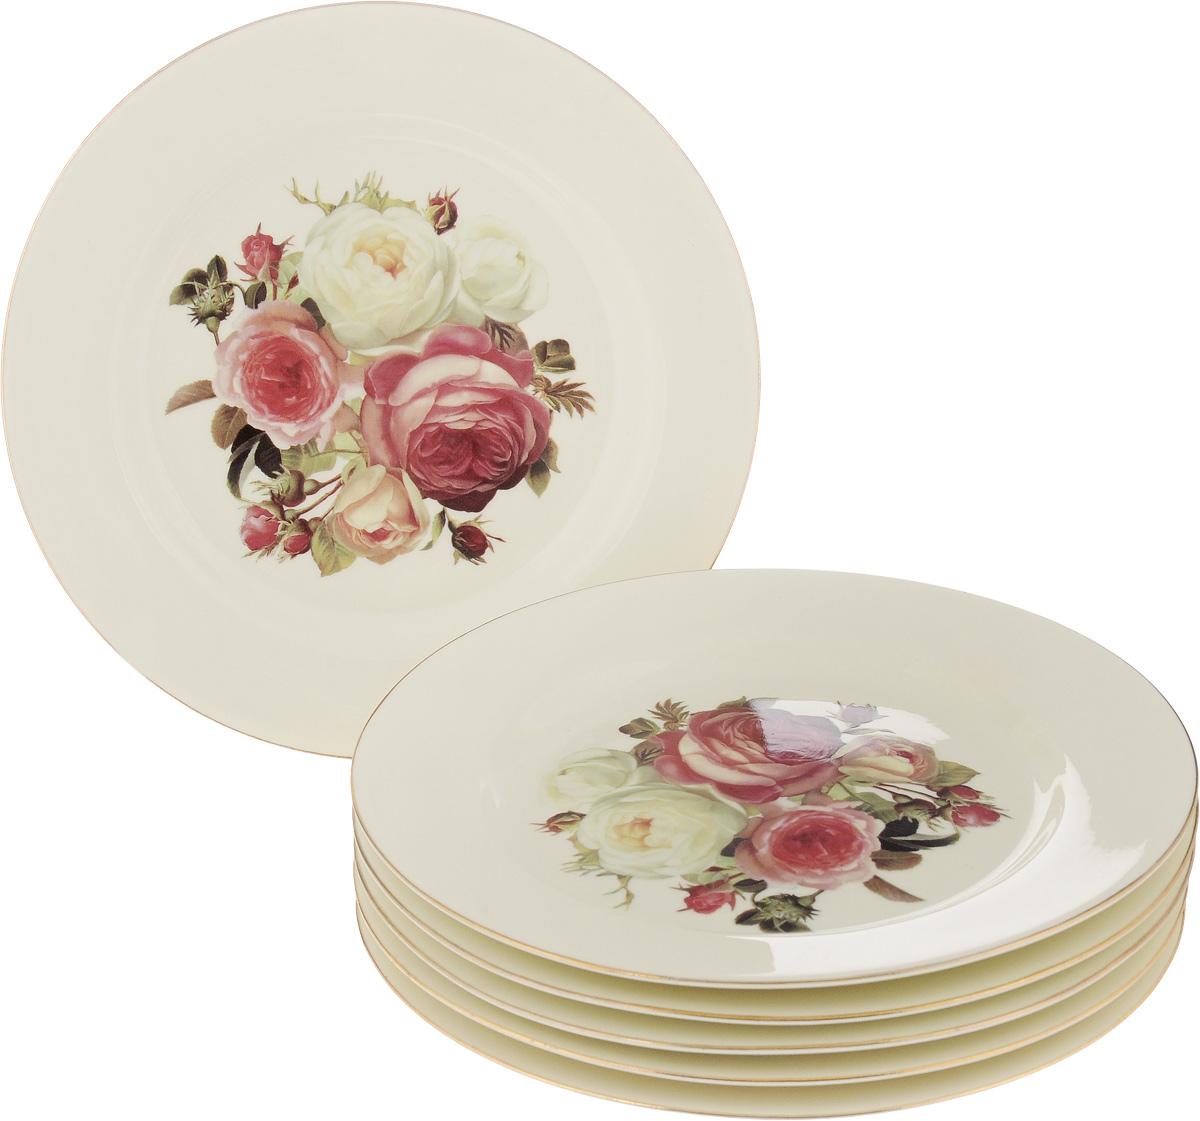 Набор десертных тарелок Patricia Яркая роза, диаметр 19 см, 6 штIM4342Набор Patricia Яркая роза состоит из шести десертных тарелок, выполненных из высококачественной керамики. Изделия декорированы изображениями цветов. Тарелки имеют круглую форму. Такой набор украсит сервировку стола и порадует вас изящным дизайном. Не рекомендуется мыть в посудомоечной машине и использовать в микроволновой печи. Диаметр (по верхнему краю): 19 см. Высота: 2 см.